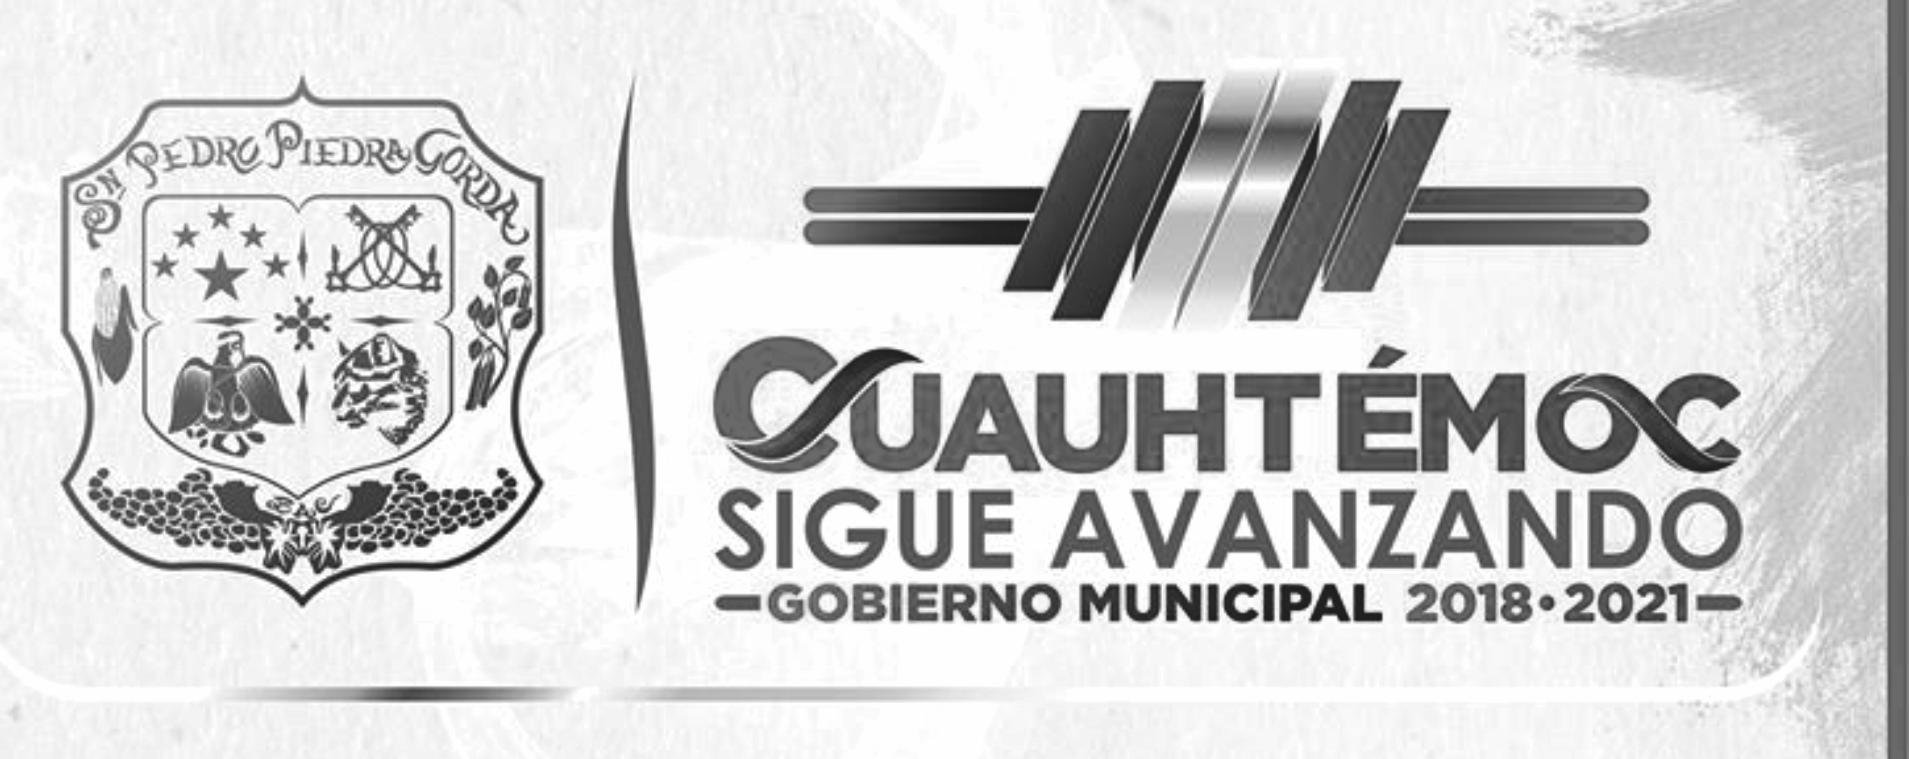 Pagina de Cuauhtemoc 2018-2021